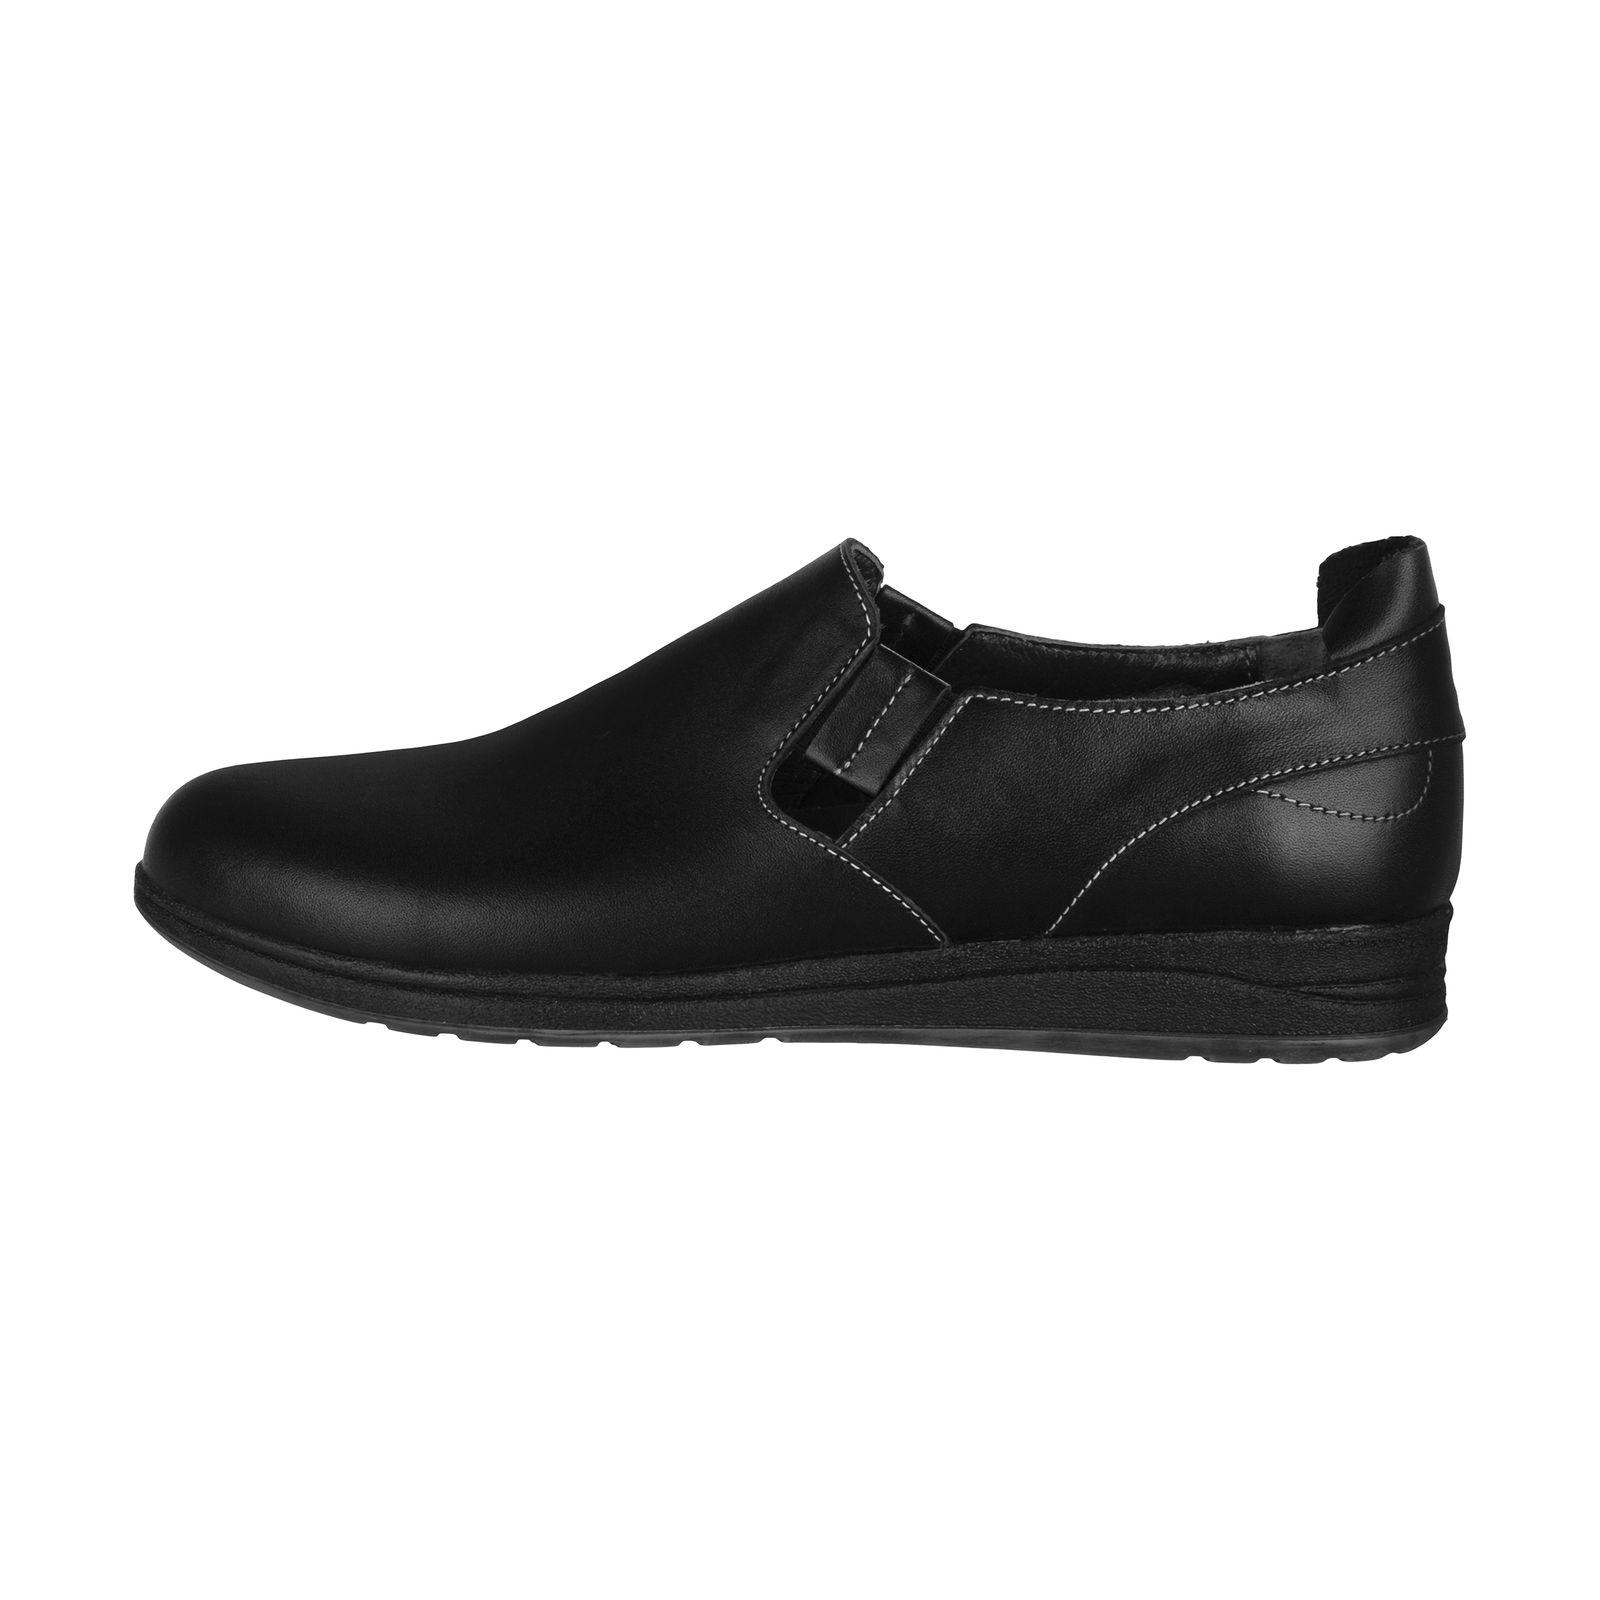 کفش روزمره زنانه سوته مدل 2958C500101 -  - 2